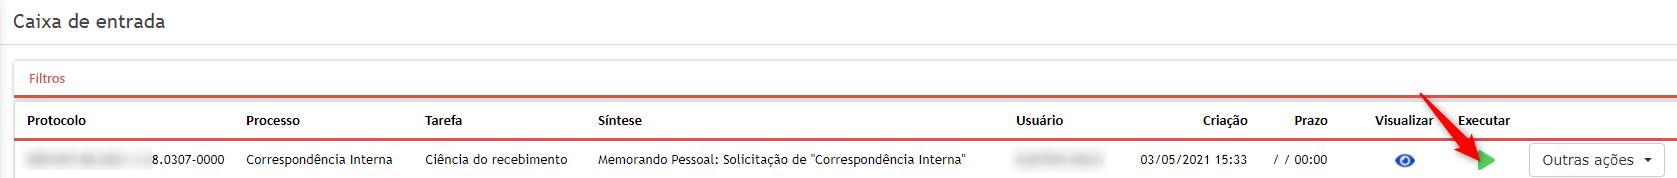 Ci-ncia-Recebimento.png